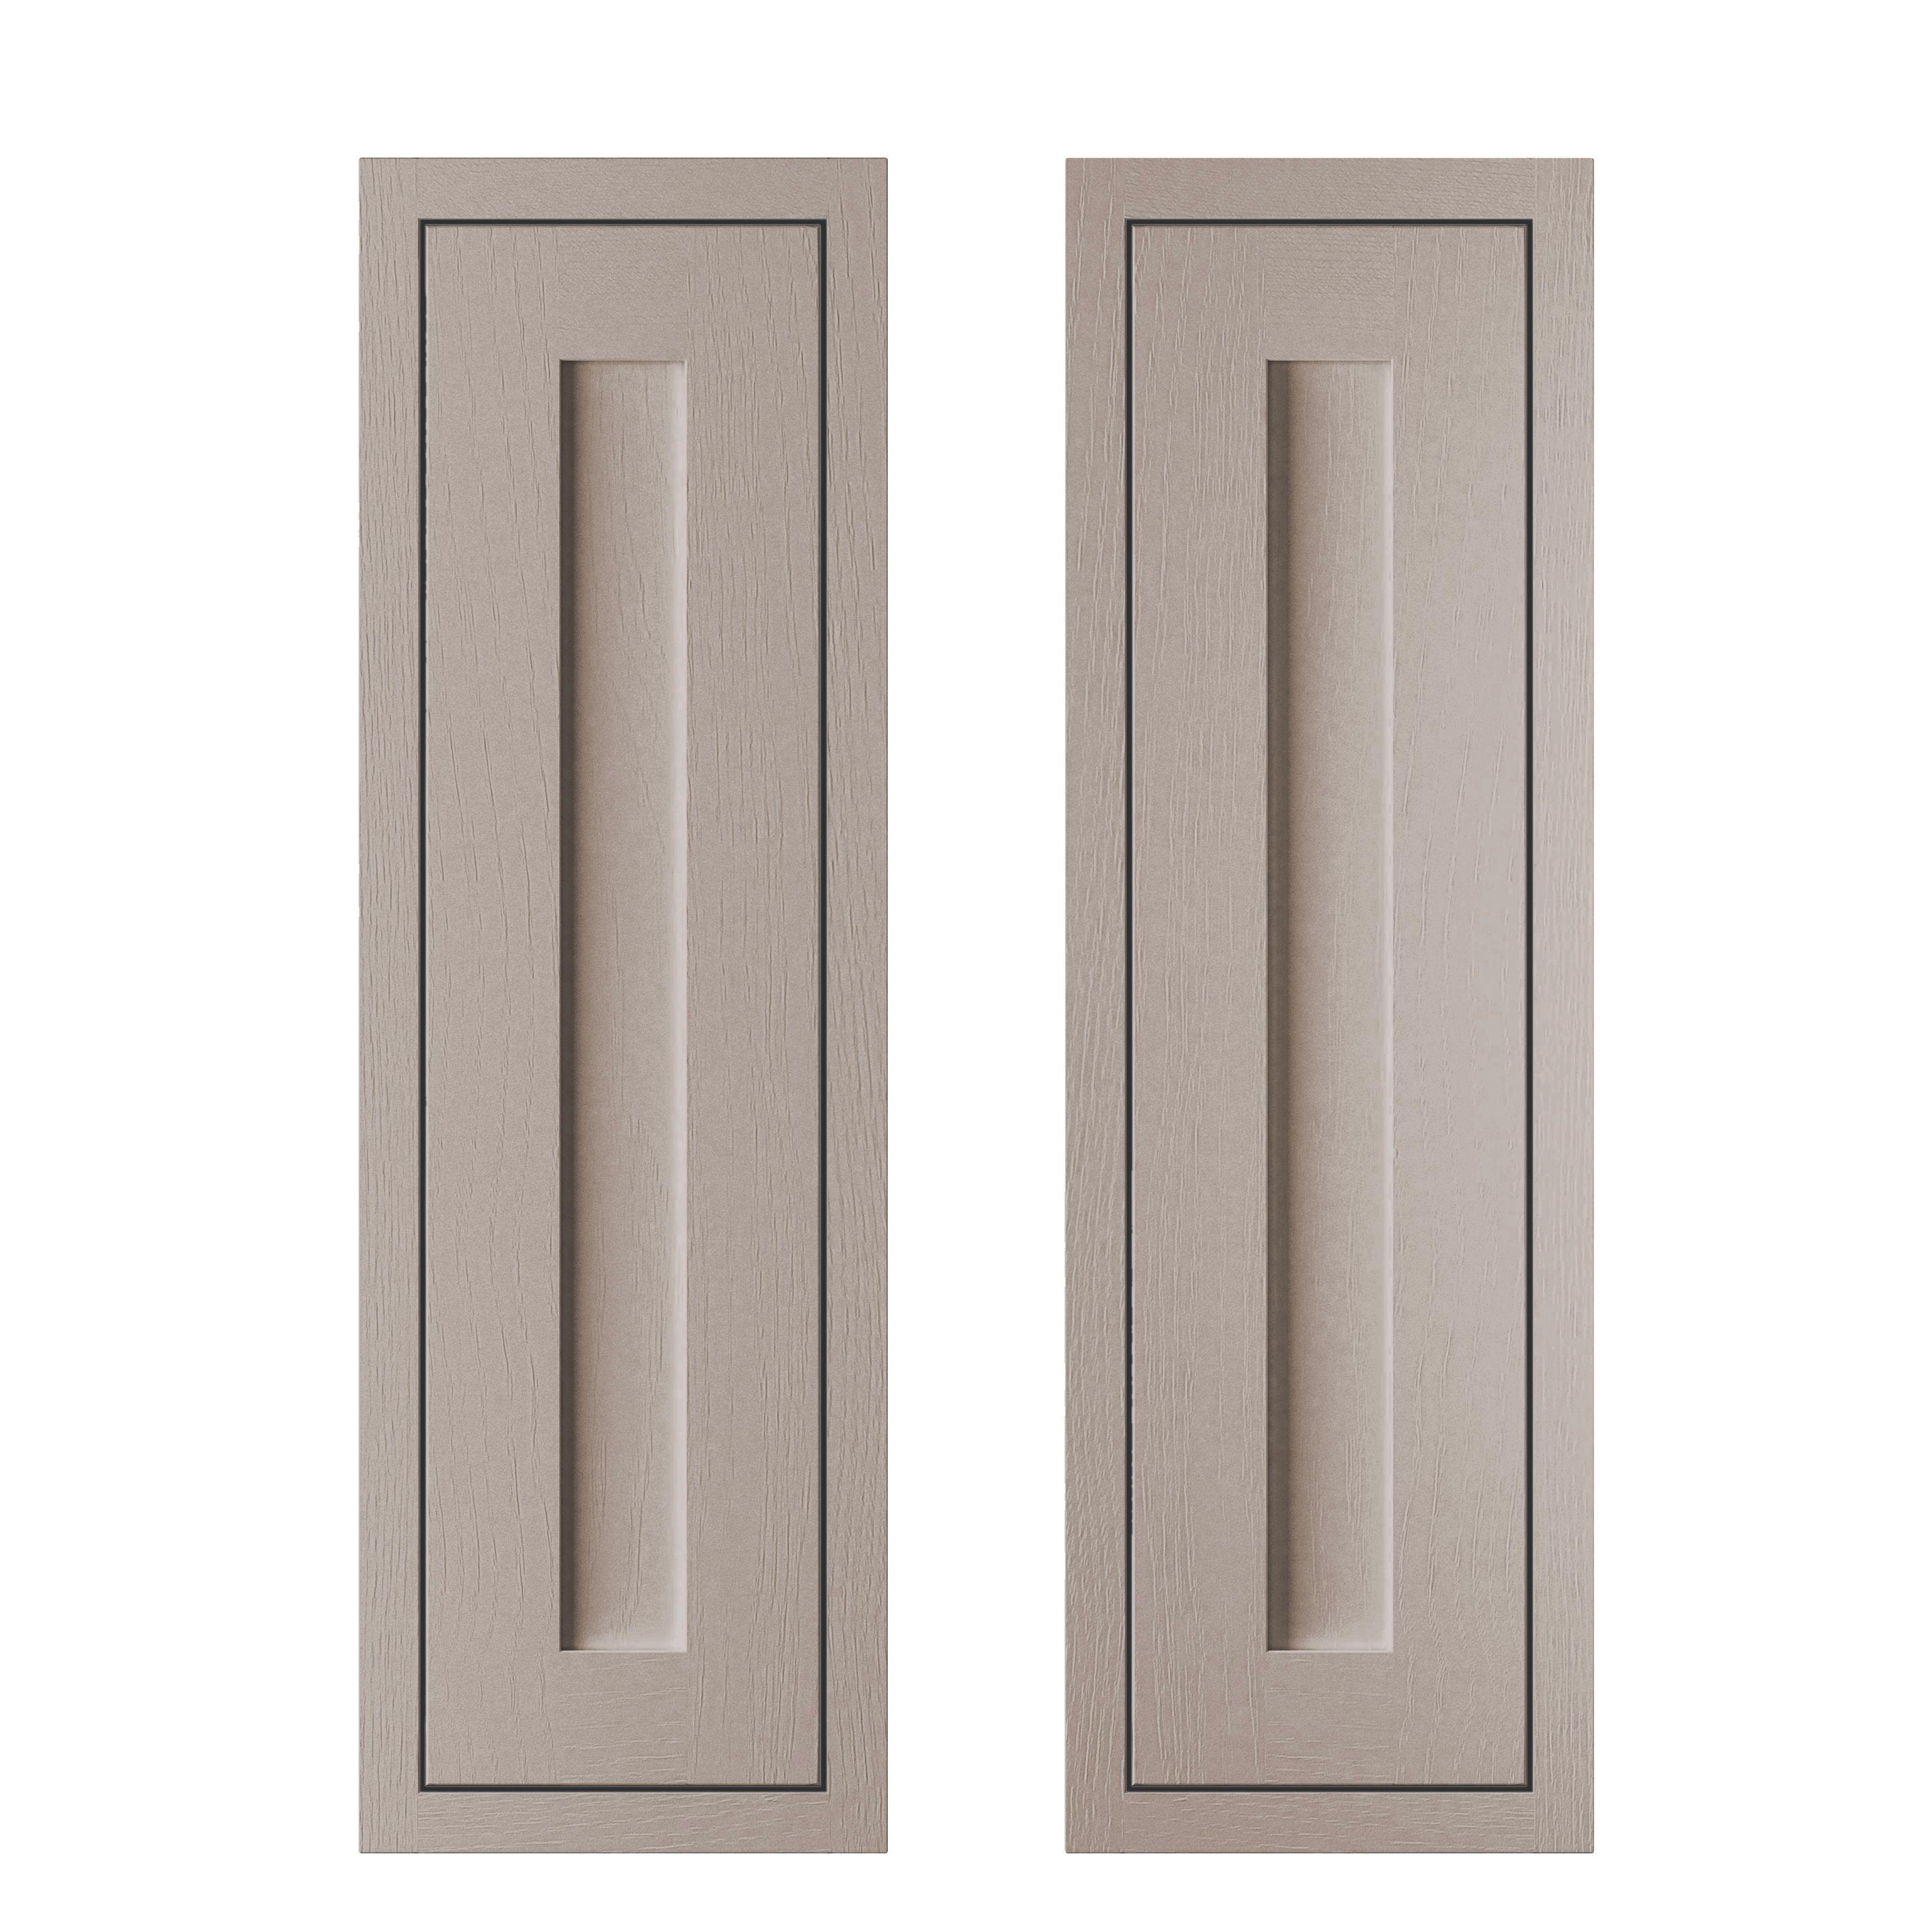 Cooke & Lewis Carisbrooke Taupe Framed Larder Door (w)300mm, Set Of 2